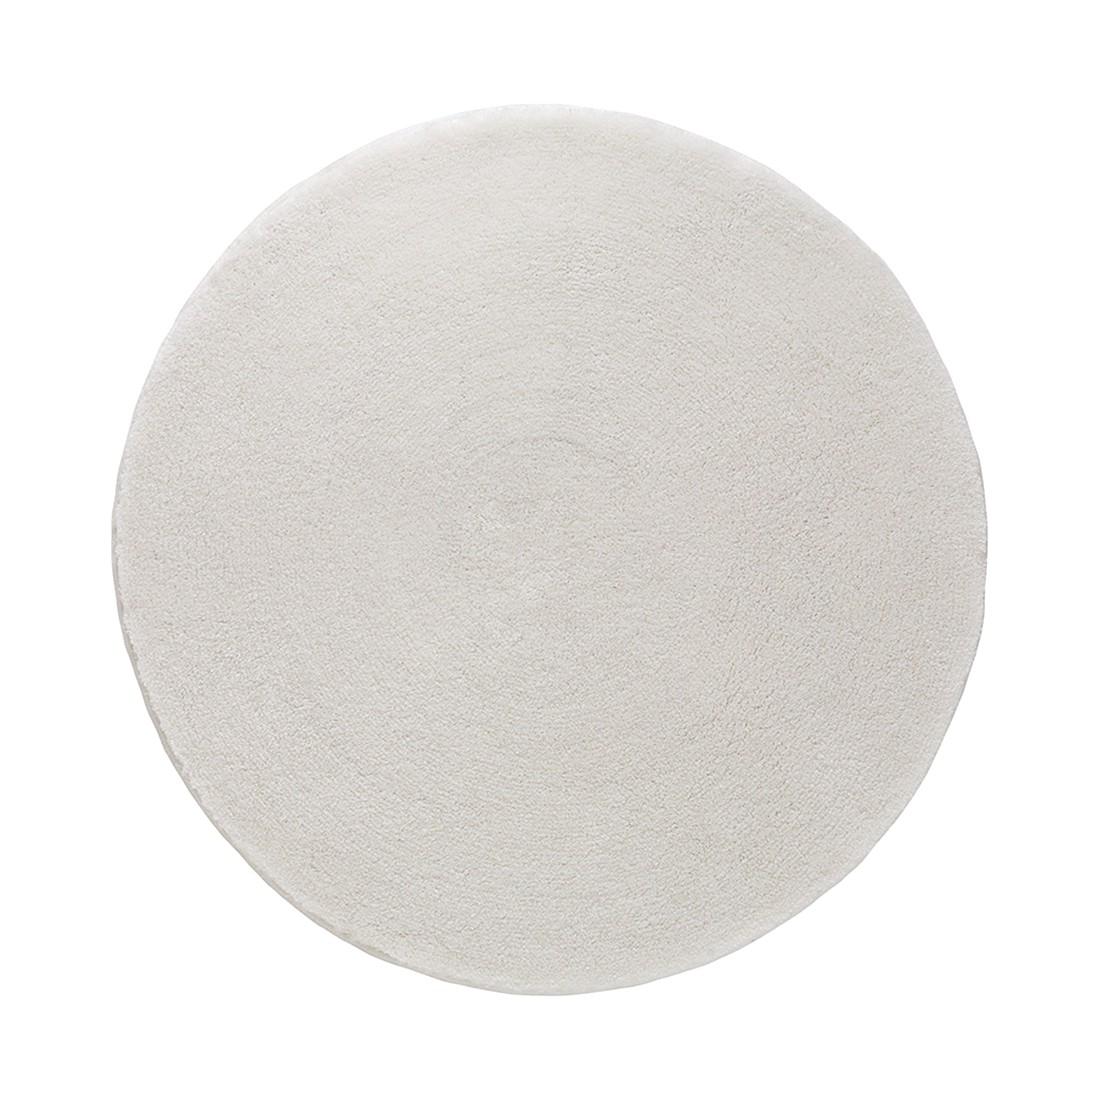 Badteppich Comfort -Weiß – Rund, Grund online bestellen